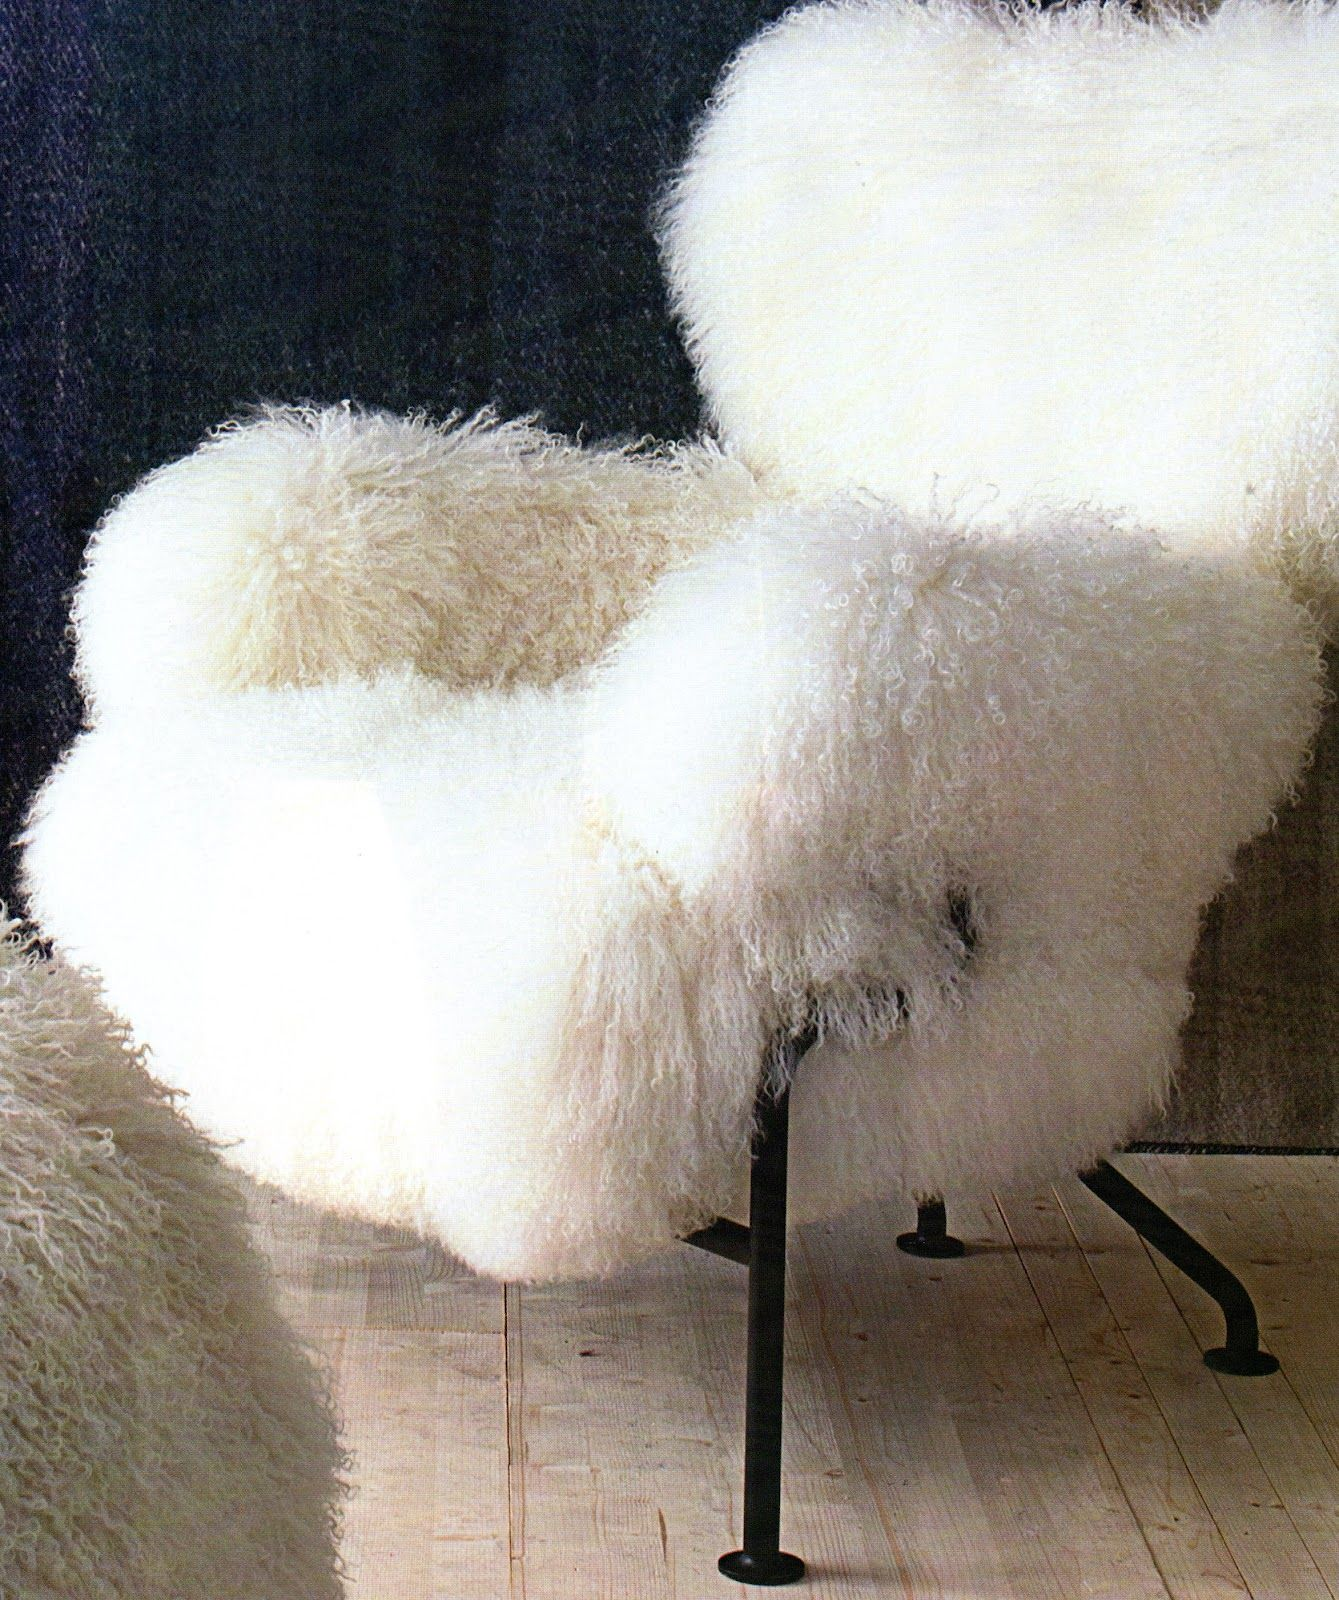 fauteuil poil de ch vre tapisserie poils fausses peaux et rev tements sp ciaux. Black Bedroom Furniture Sets. Home Design Ideas